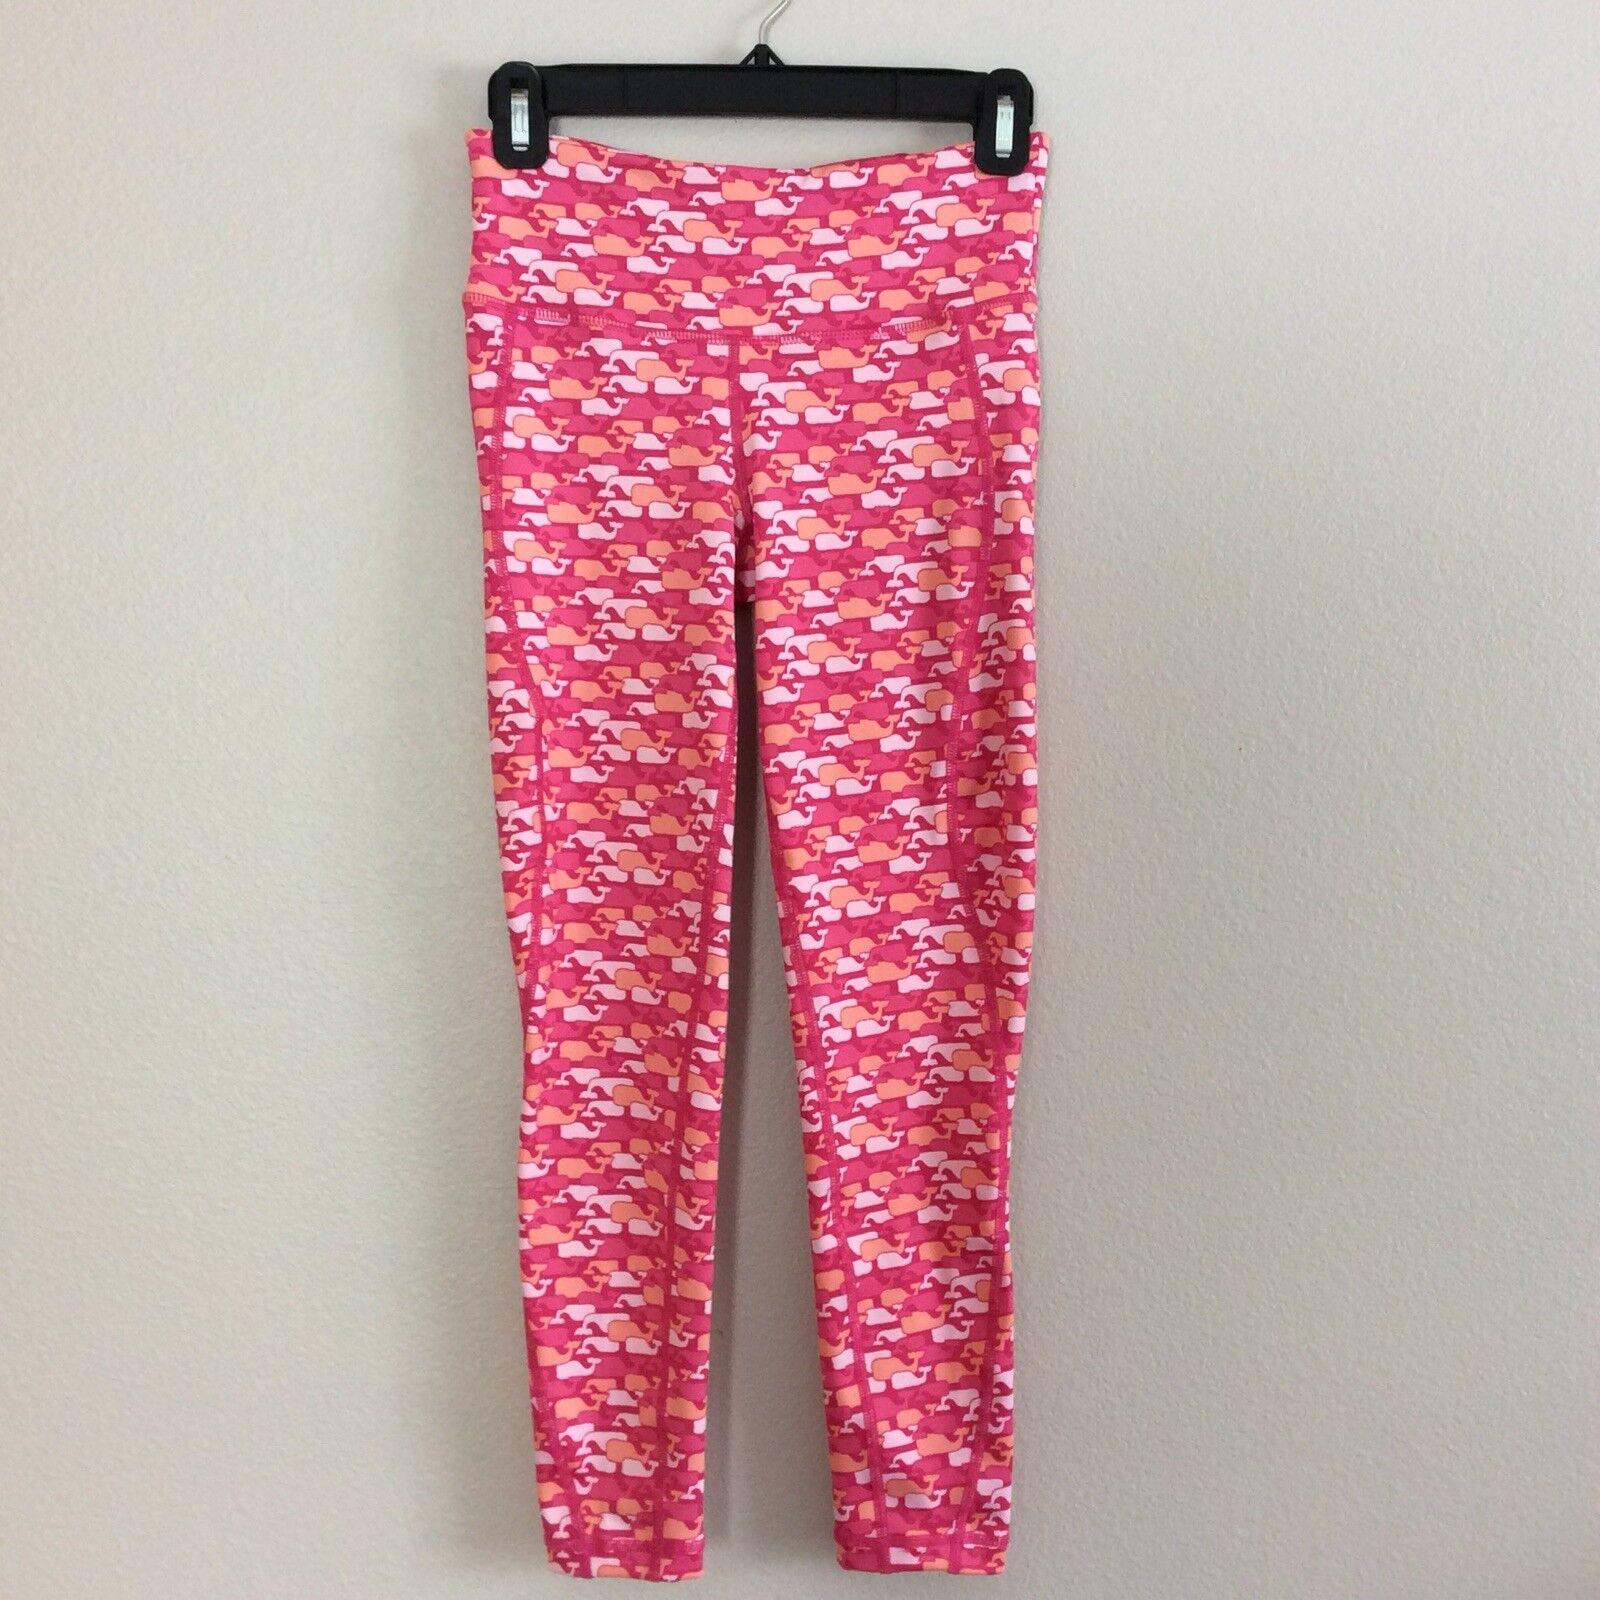 Vineyard Vines Women's Whale Outline Print Performance Leggings Pink XXSmall NEW